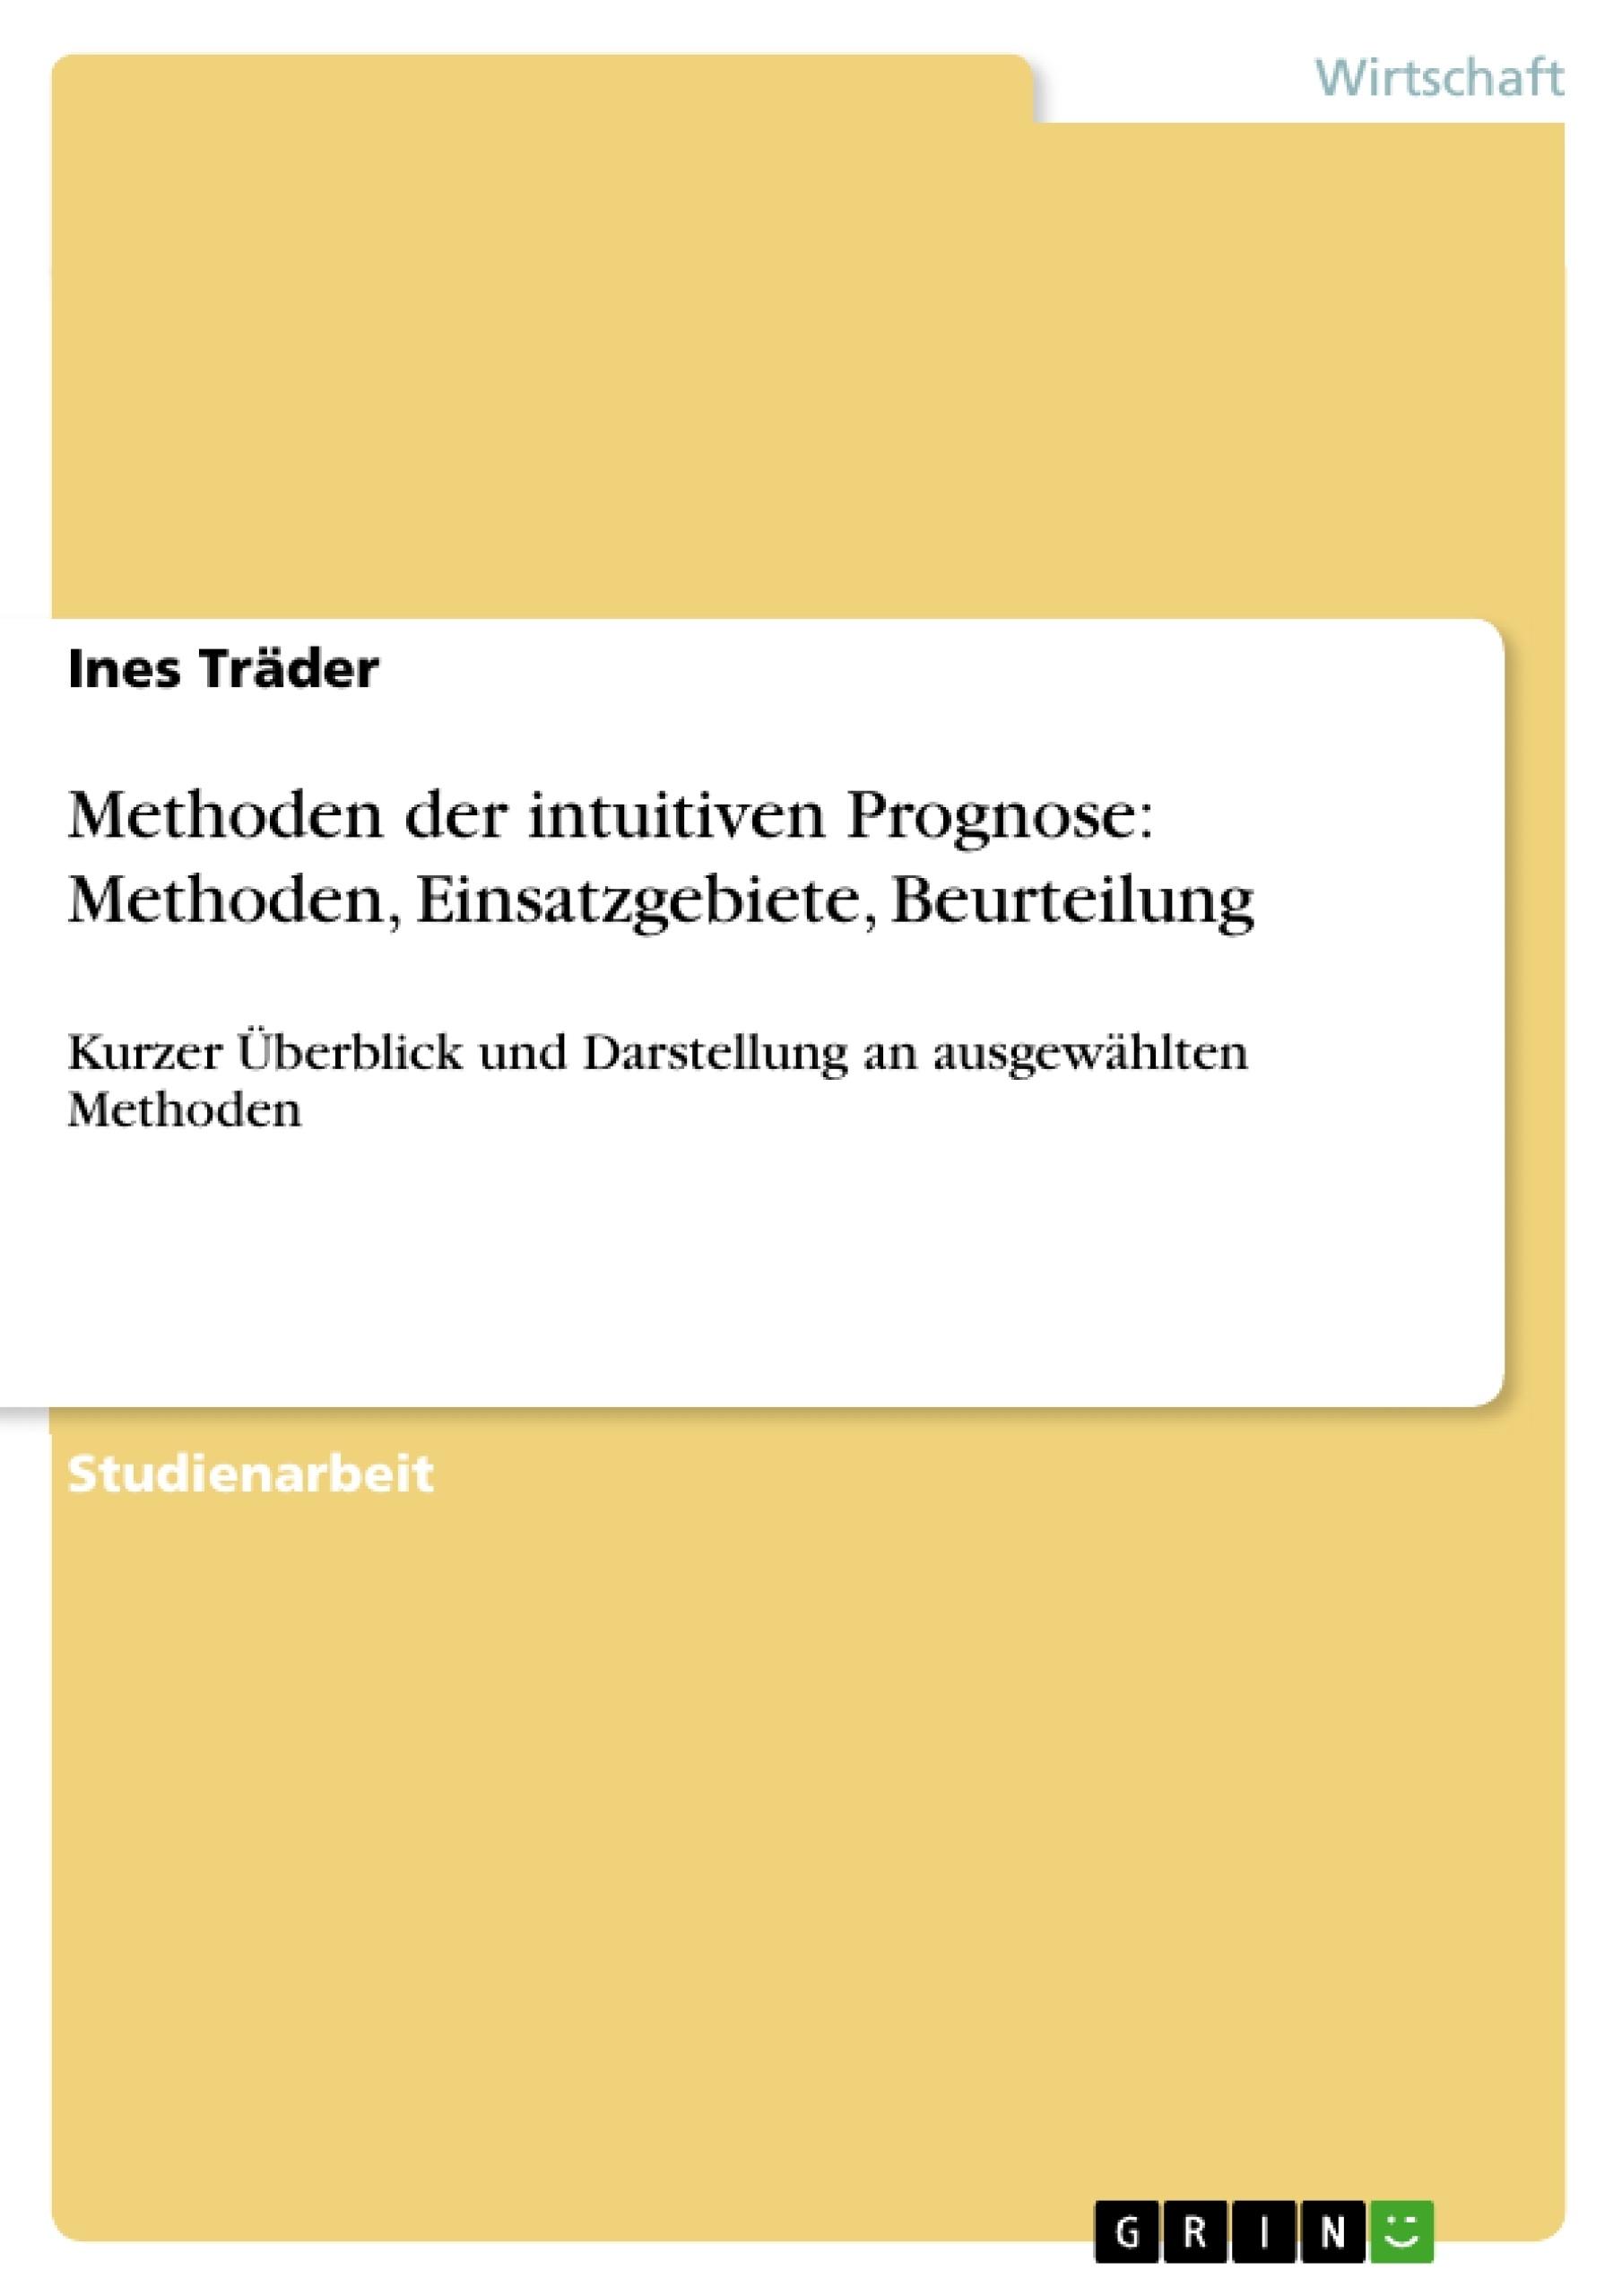 Titel: Methoden der intuitiven Prognose: Methoden, Einsatzgebiete, Beurteilung